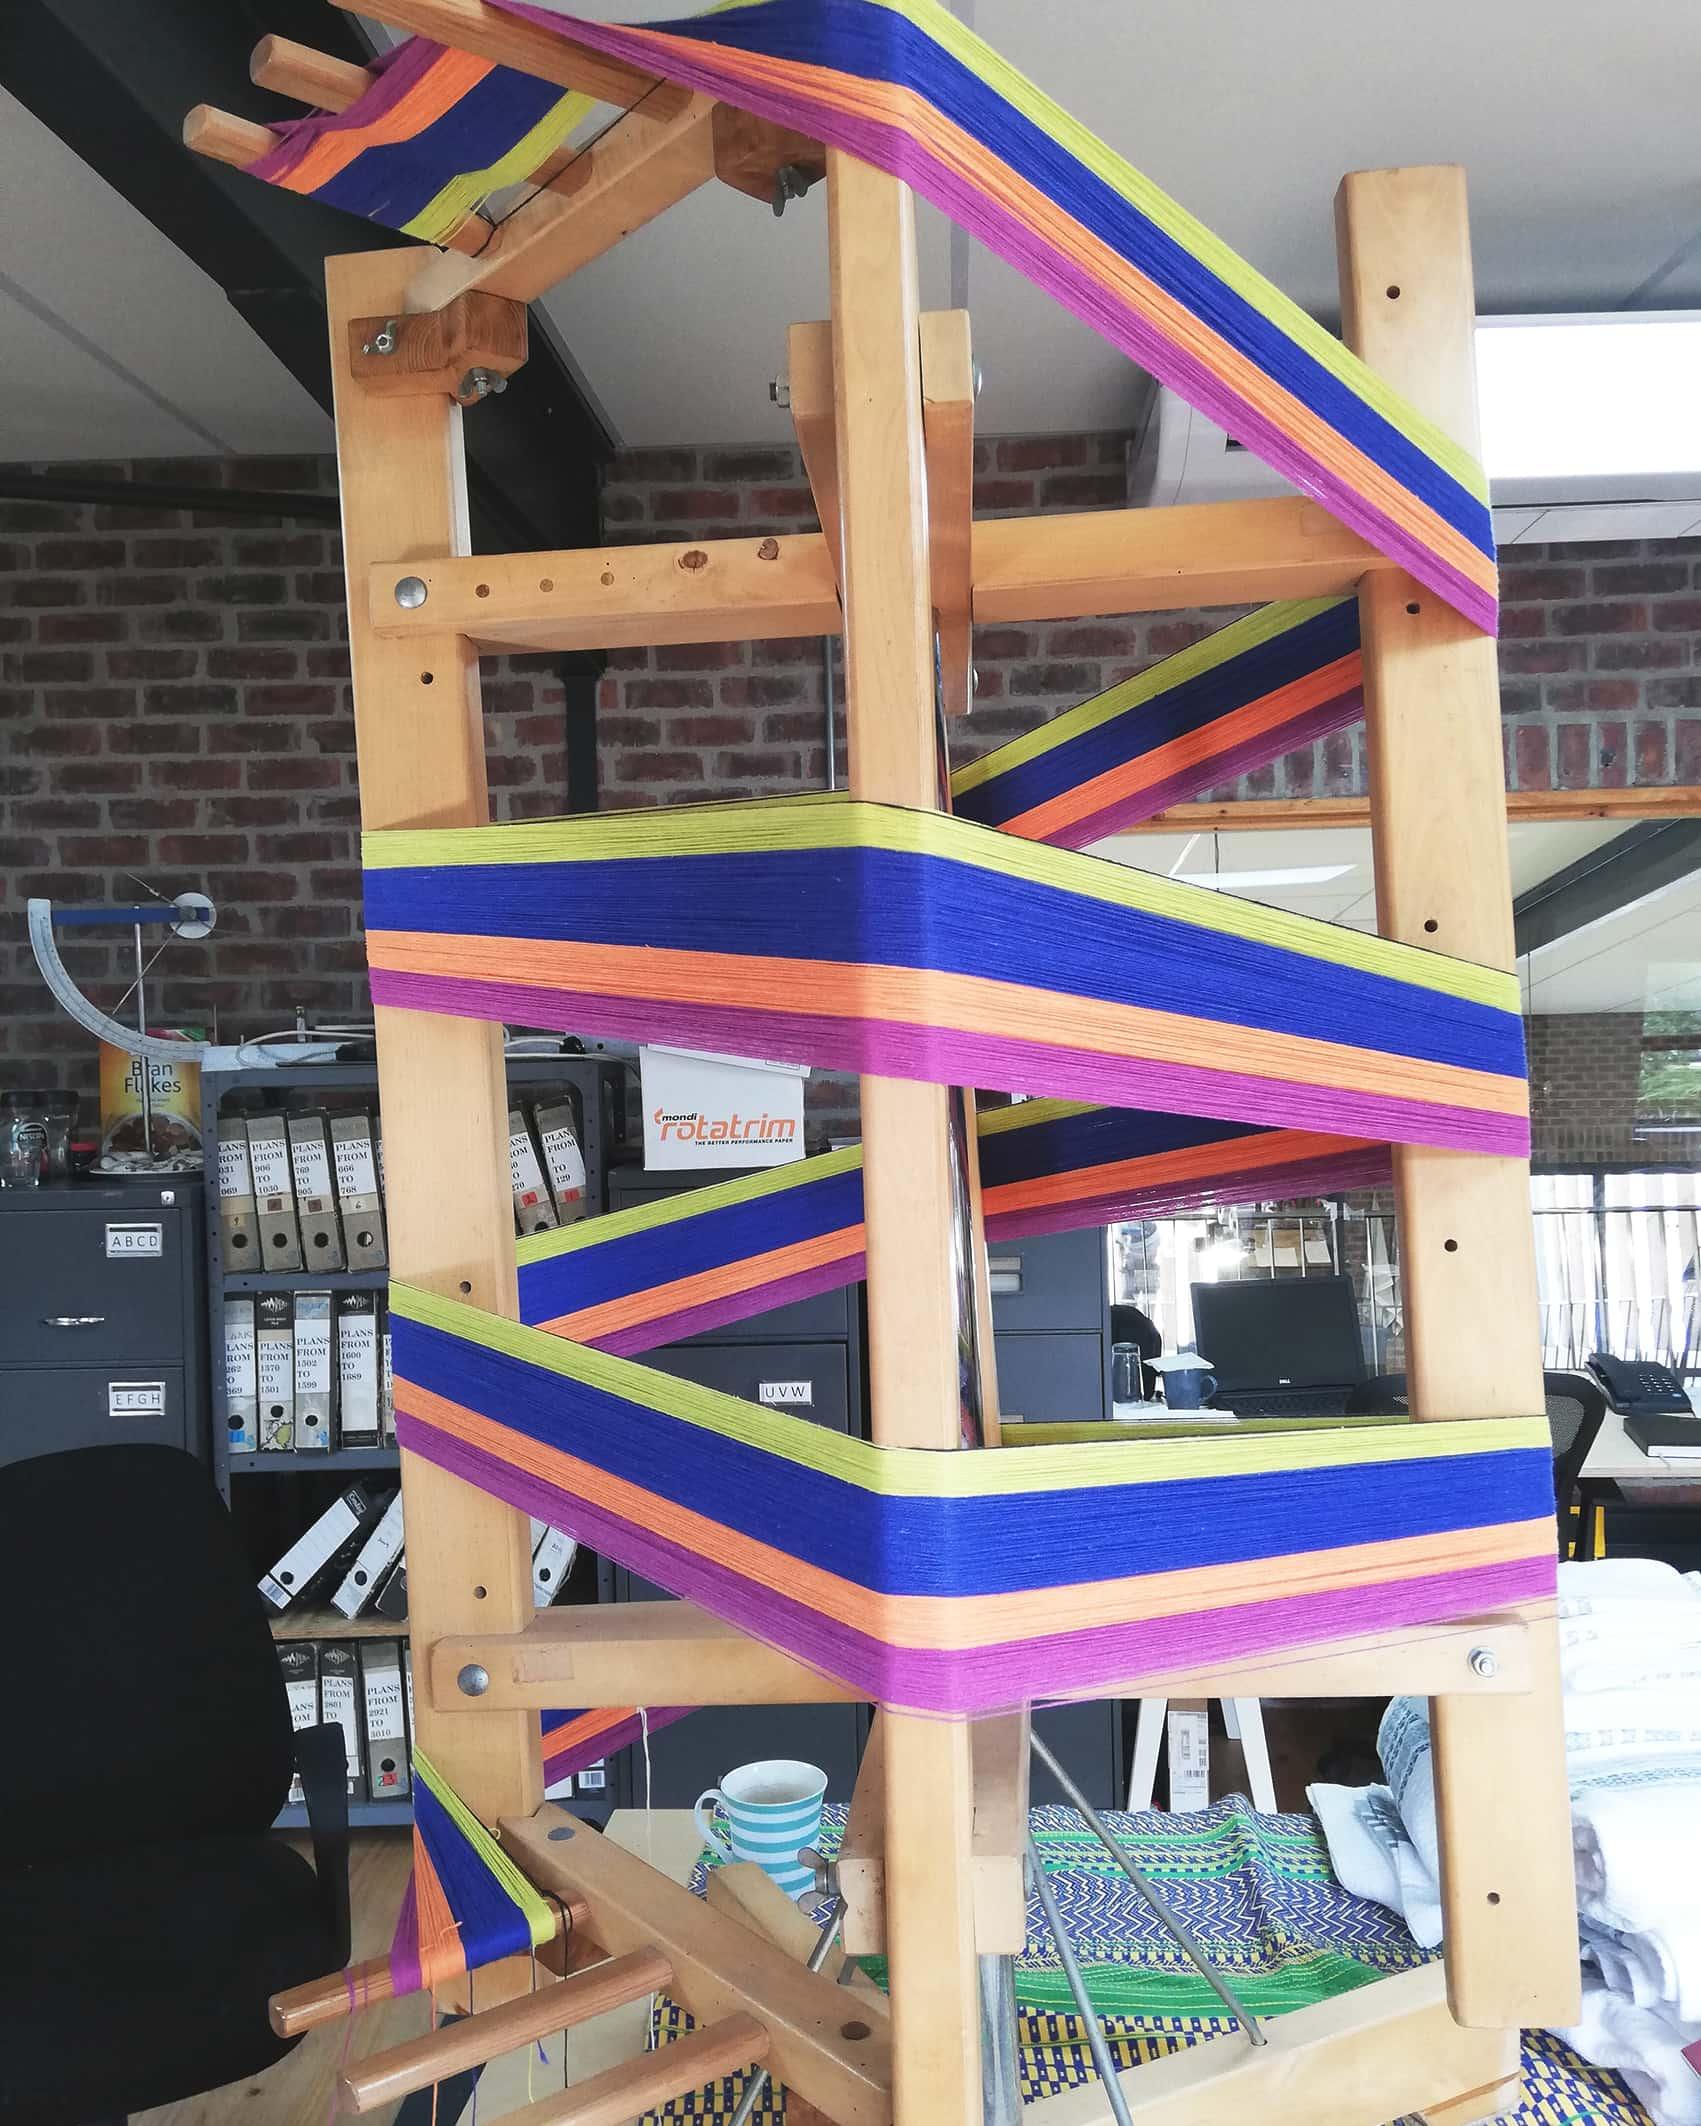 Mungo designer, Lenore Schroeder's warping reel - part of the process of hand weaving textiles on her handloom in Plettenberg Bay